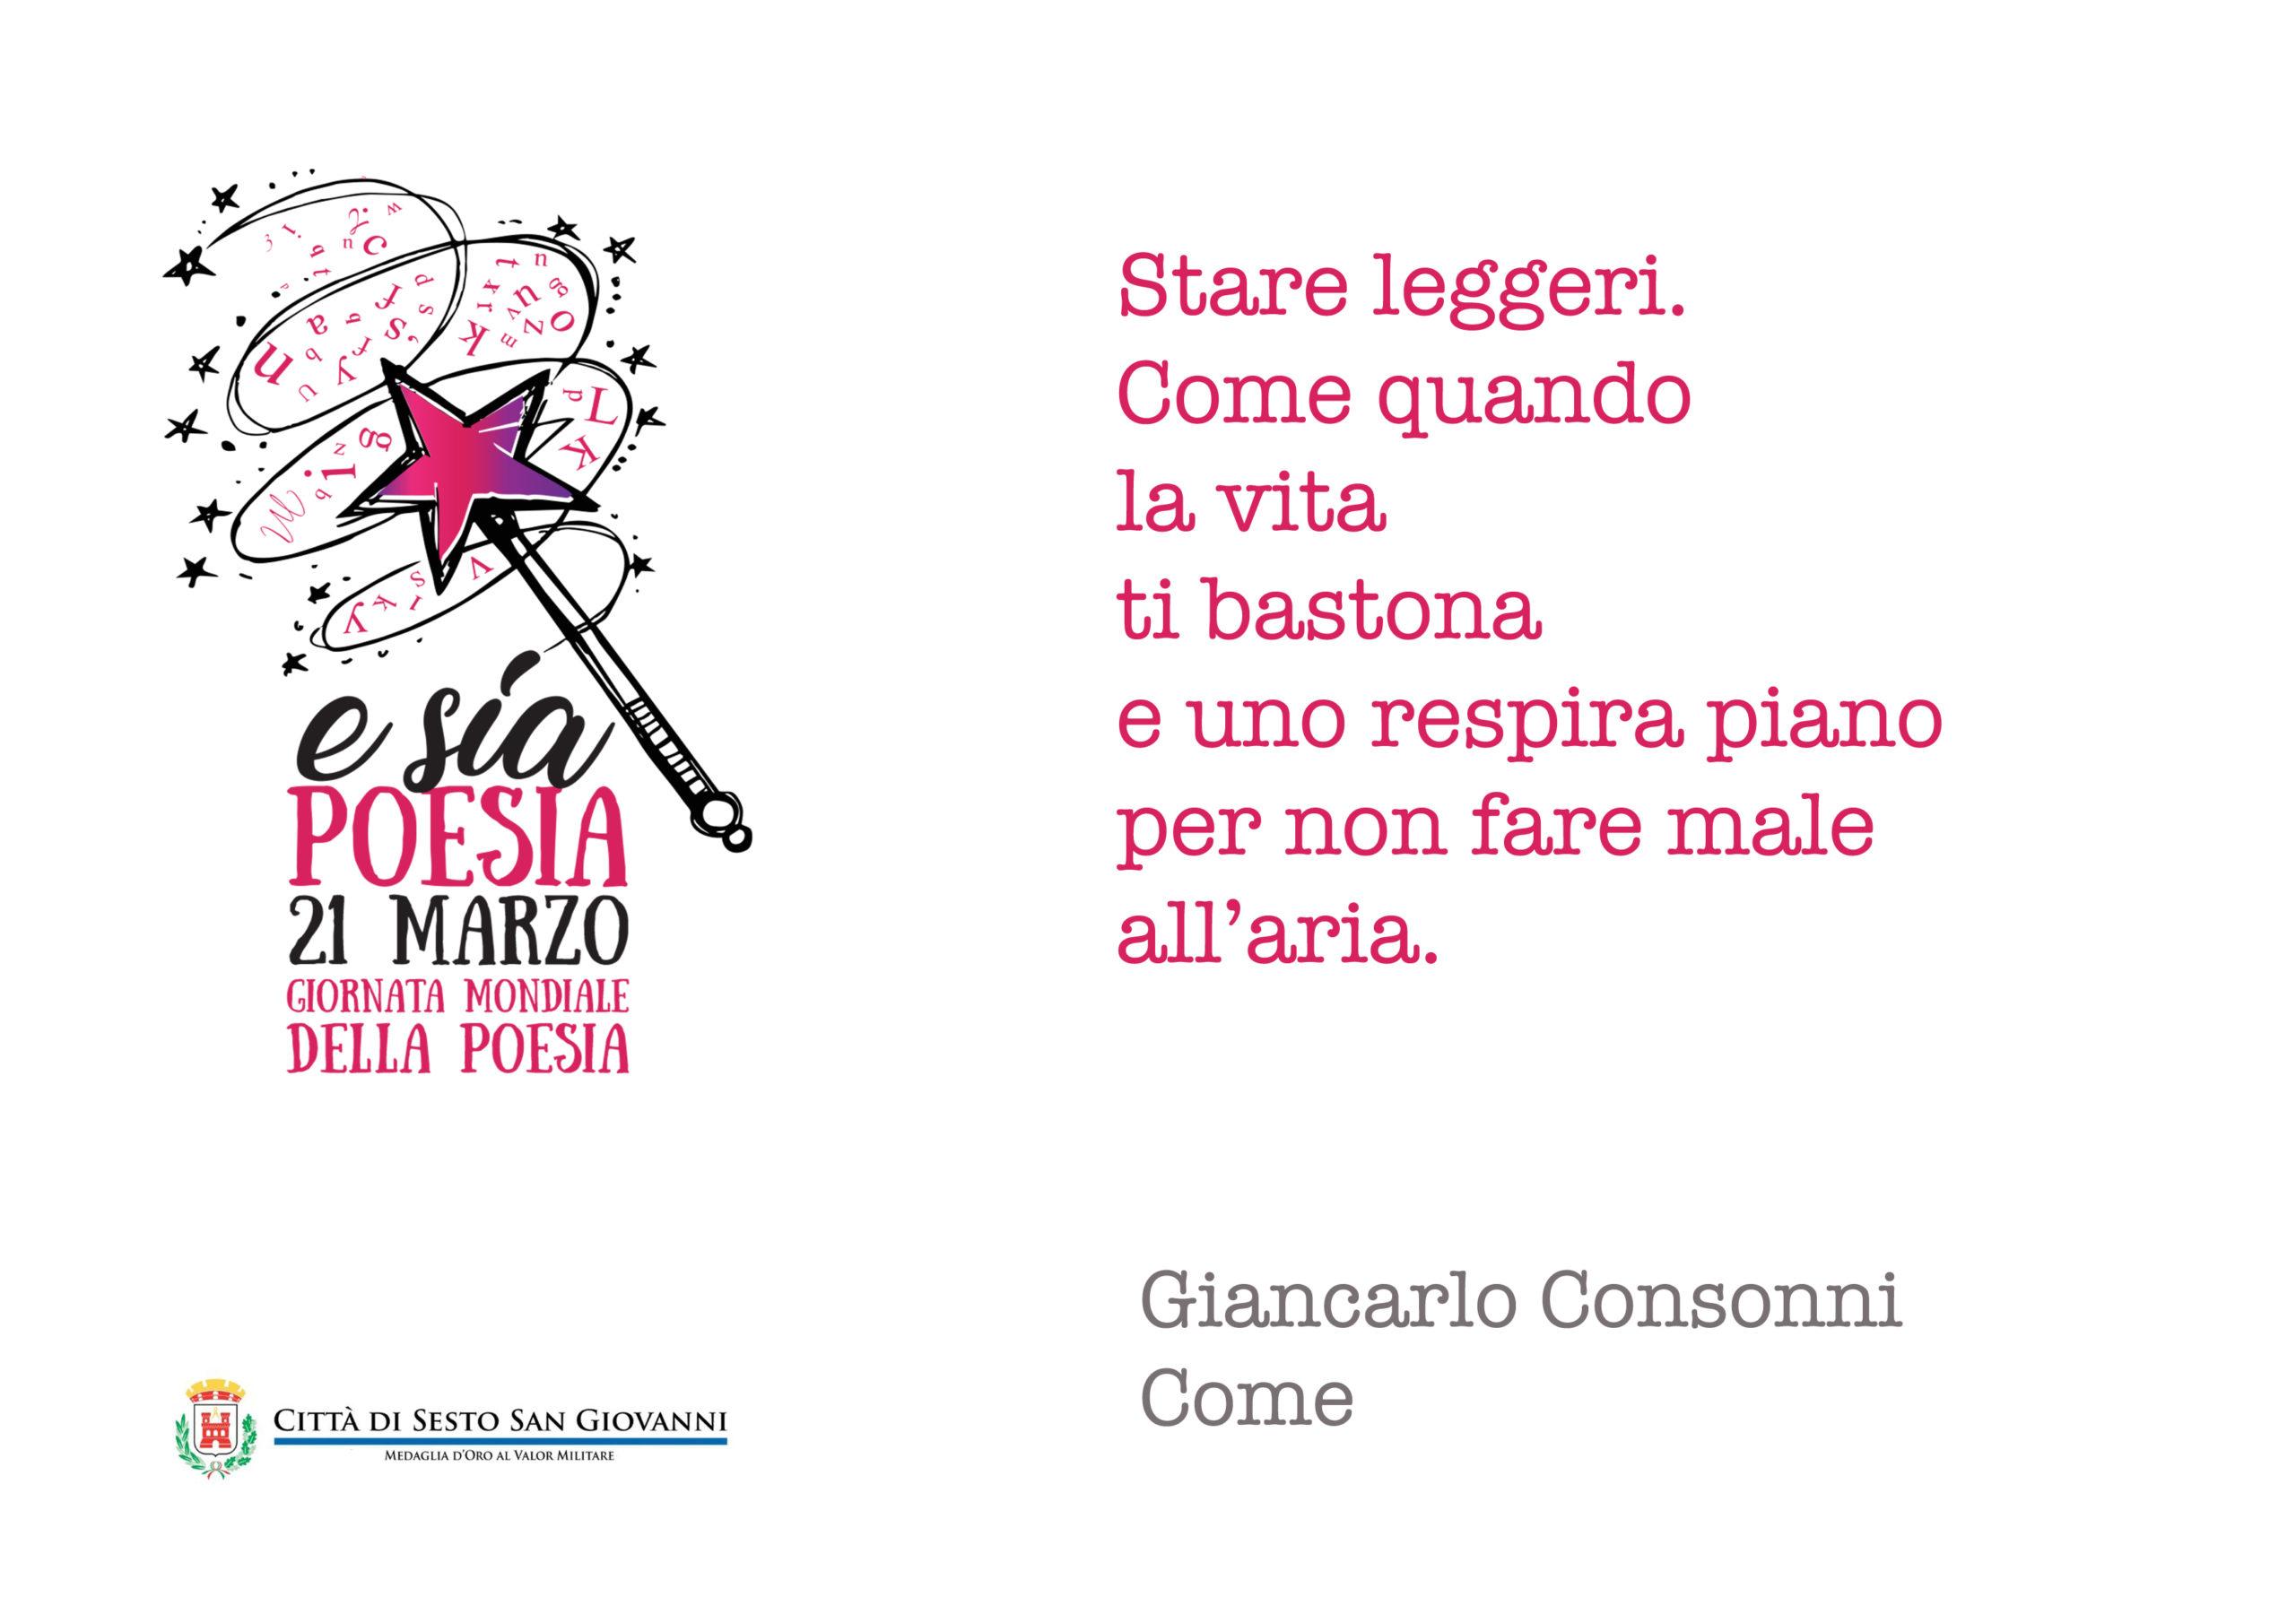 e sia poesia- stare leggeri di Giancarlo Consonni